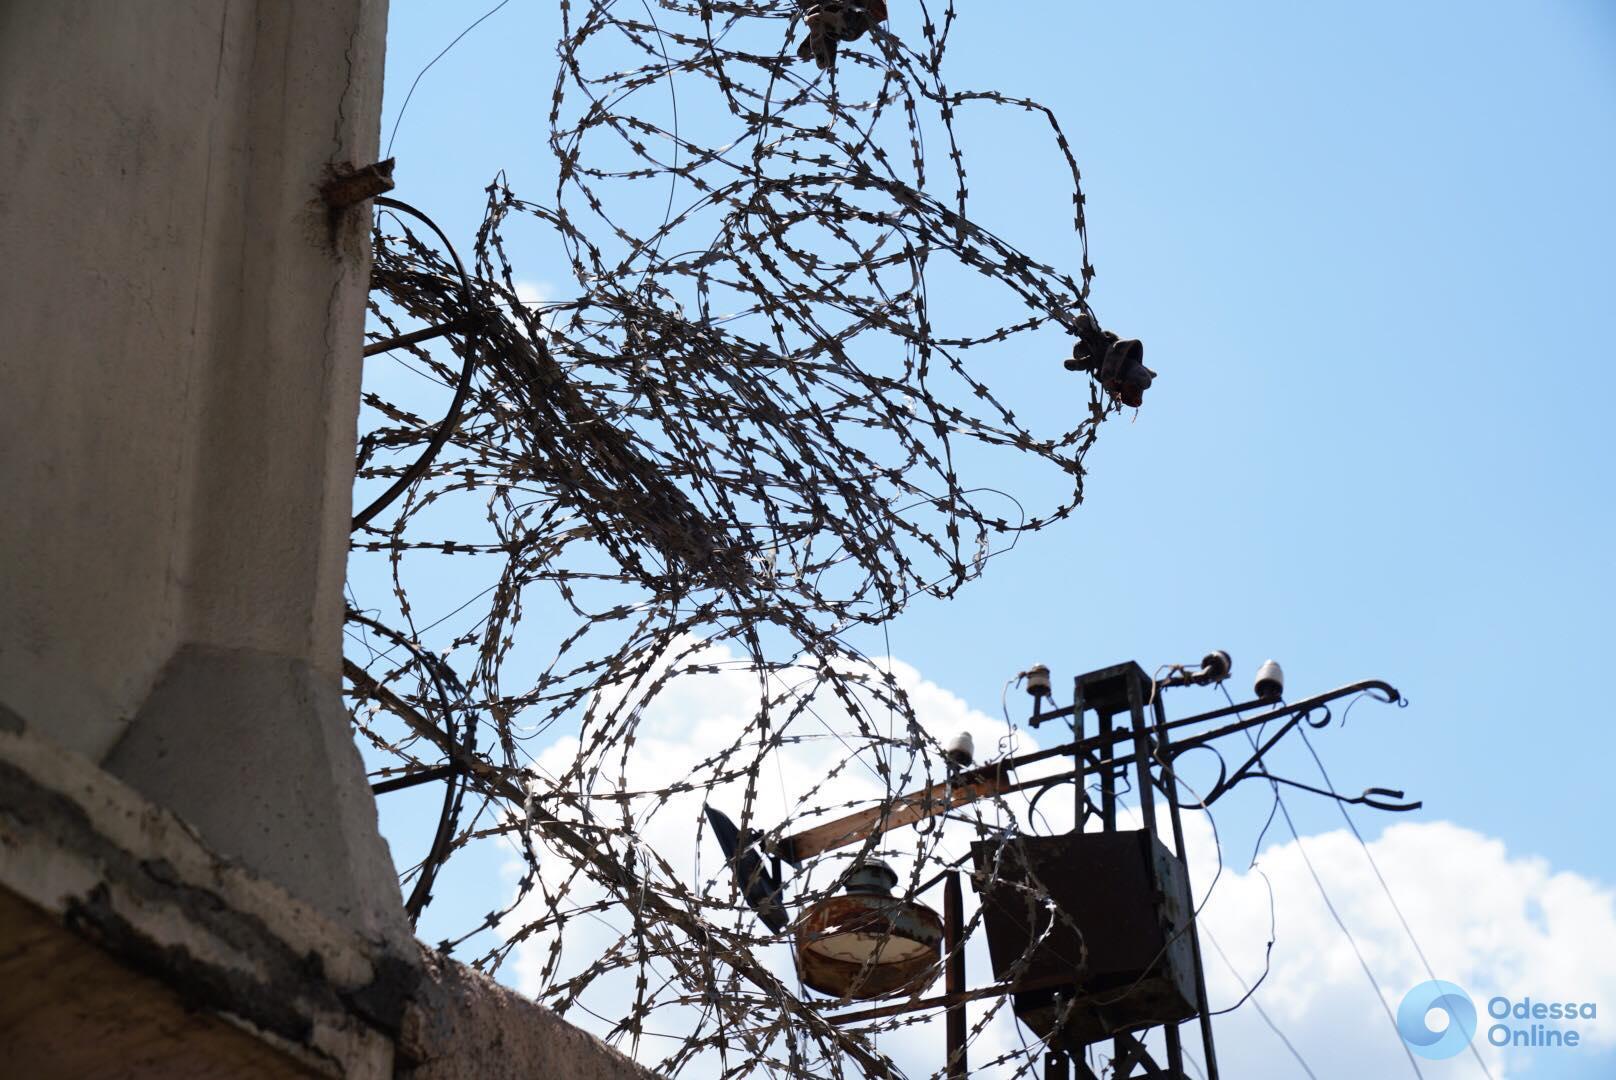 Проломили стену: подробности побега из одесской колонии